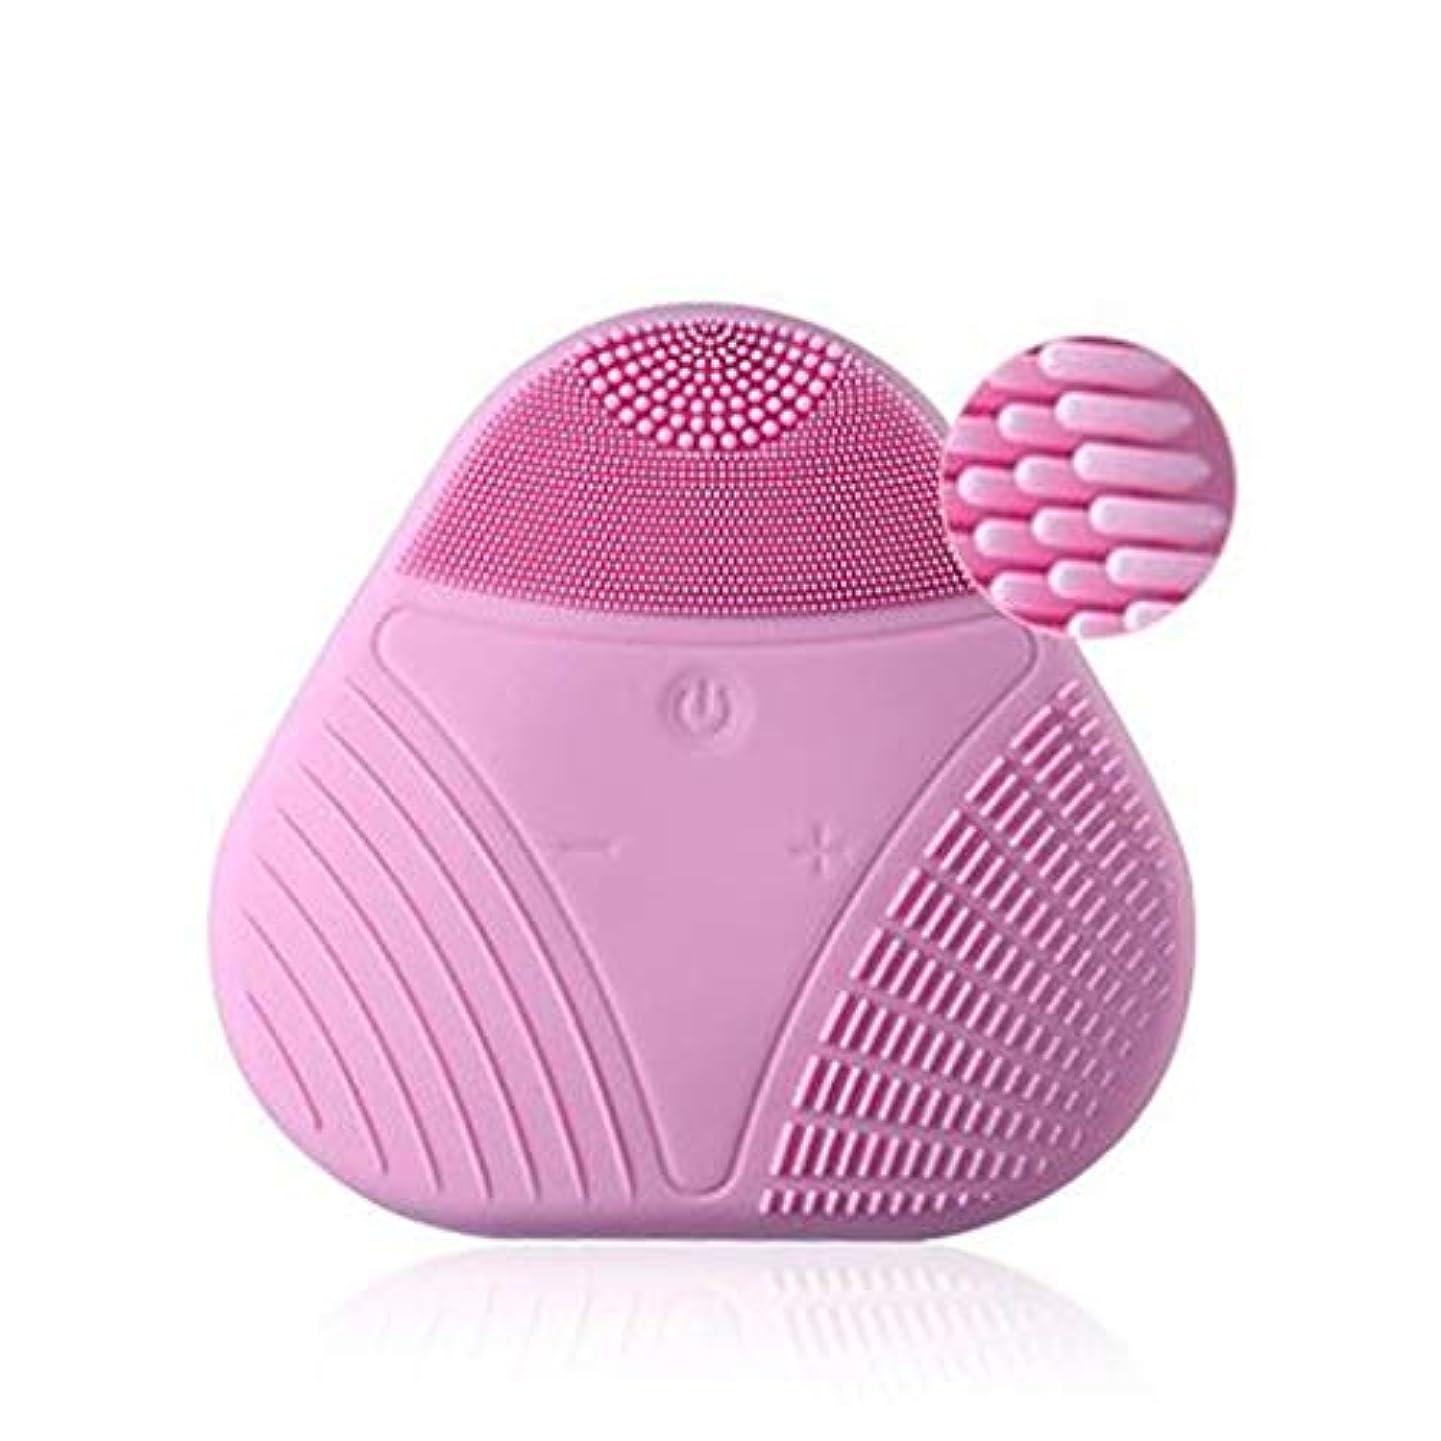 累計テロリスト準拠電気シリコーンクレンジング器具、シリコンポータブルUSBフェイシャルマッサージャーウォッシュフェイスビューティーインストゥルメントディープエクスフォリエイティングジェントル&クレンジングフェイシャル (Color : Pink)